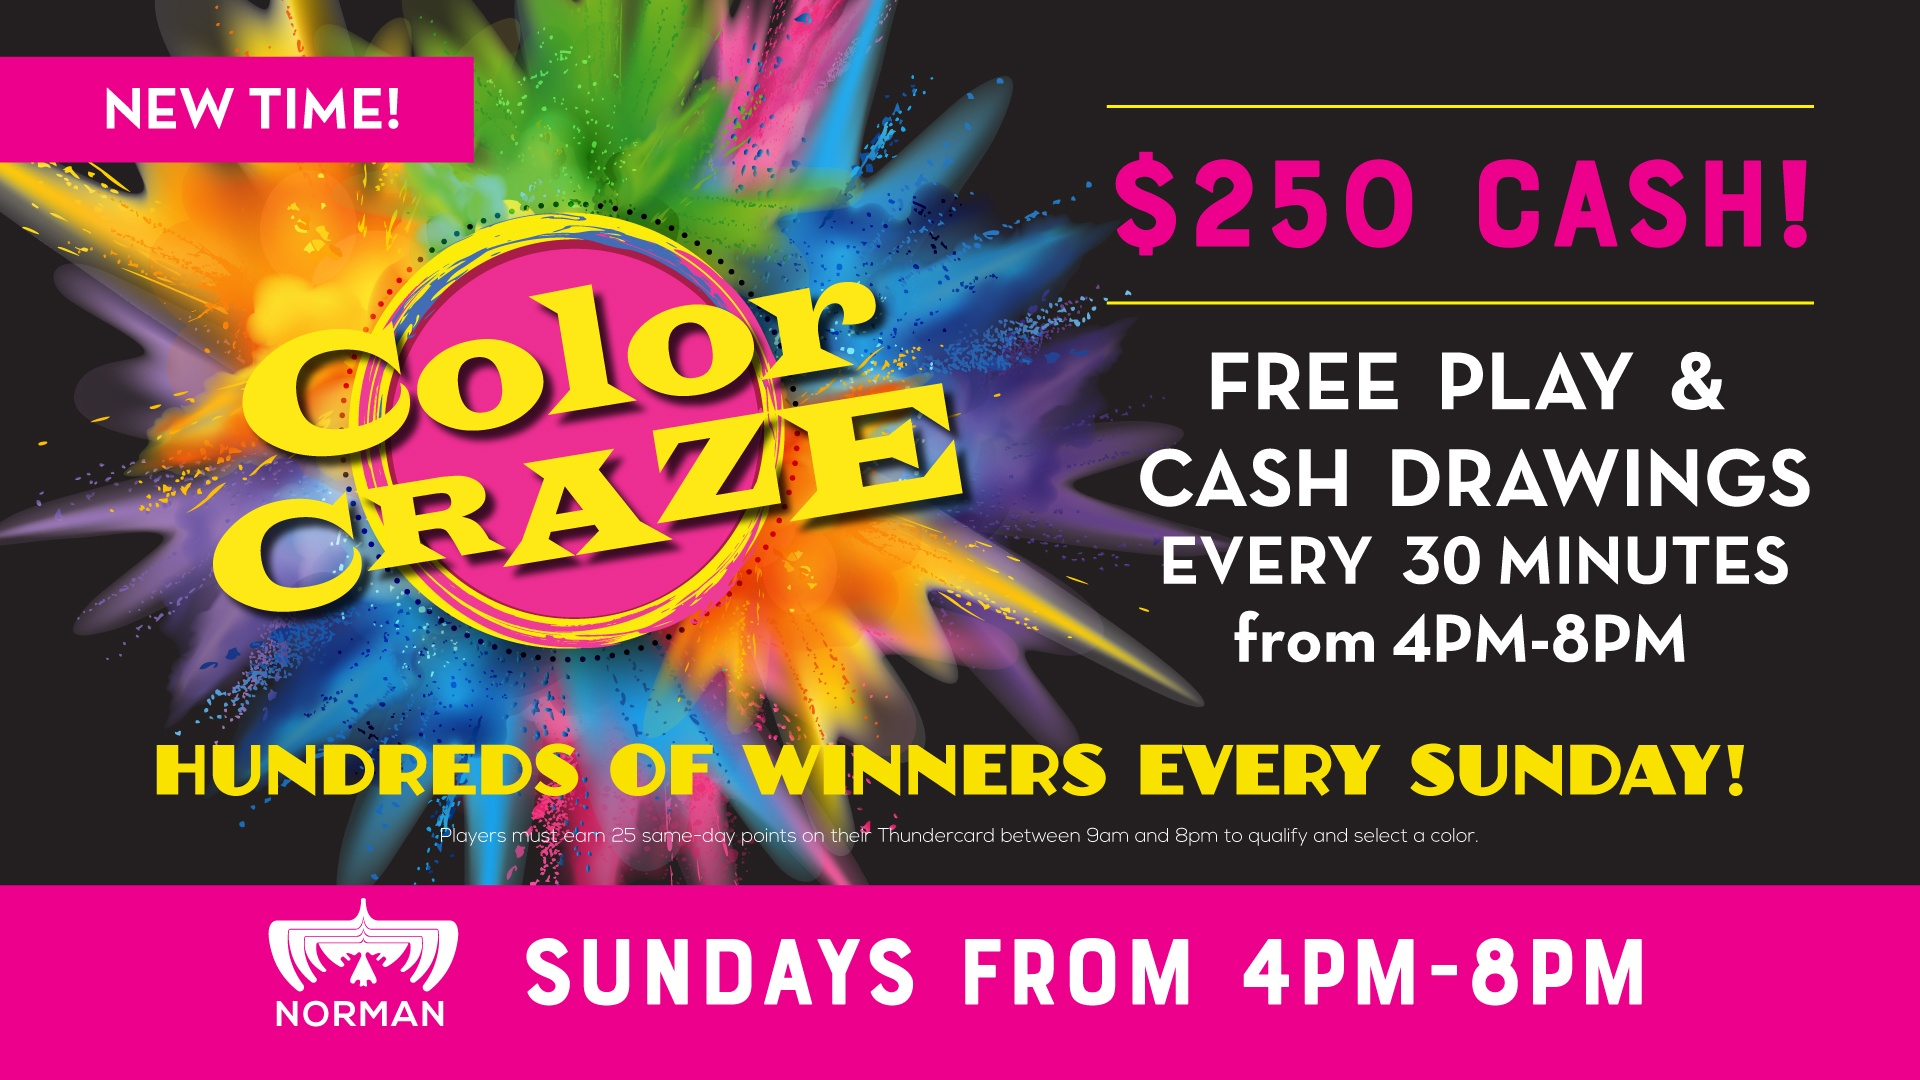 TBC-DigitalSlides_ColorCraze